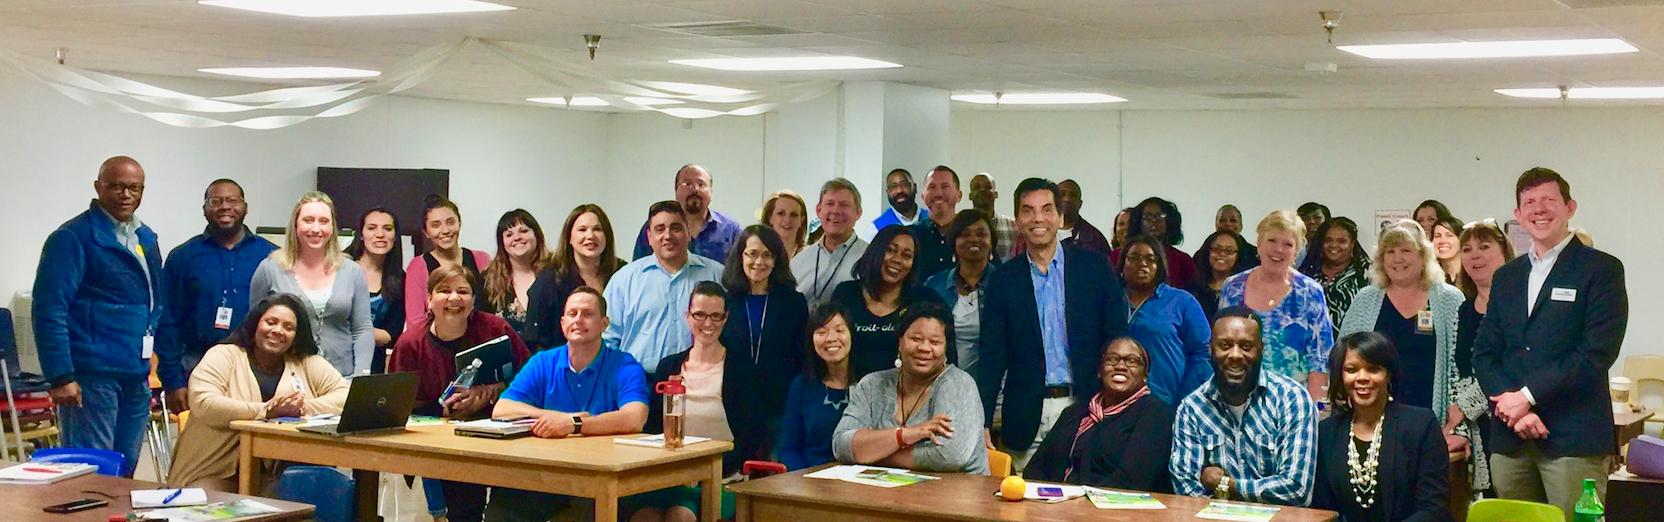 Pic #2 Teacher Training, Dallas, TX (Edited)